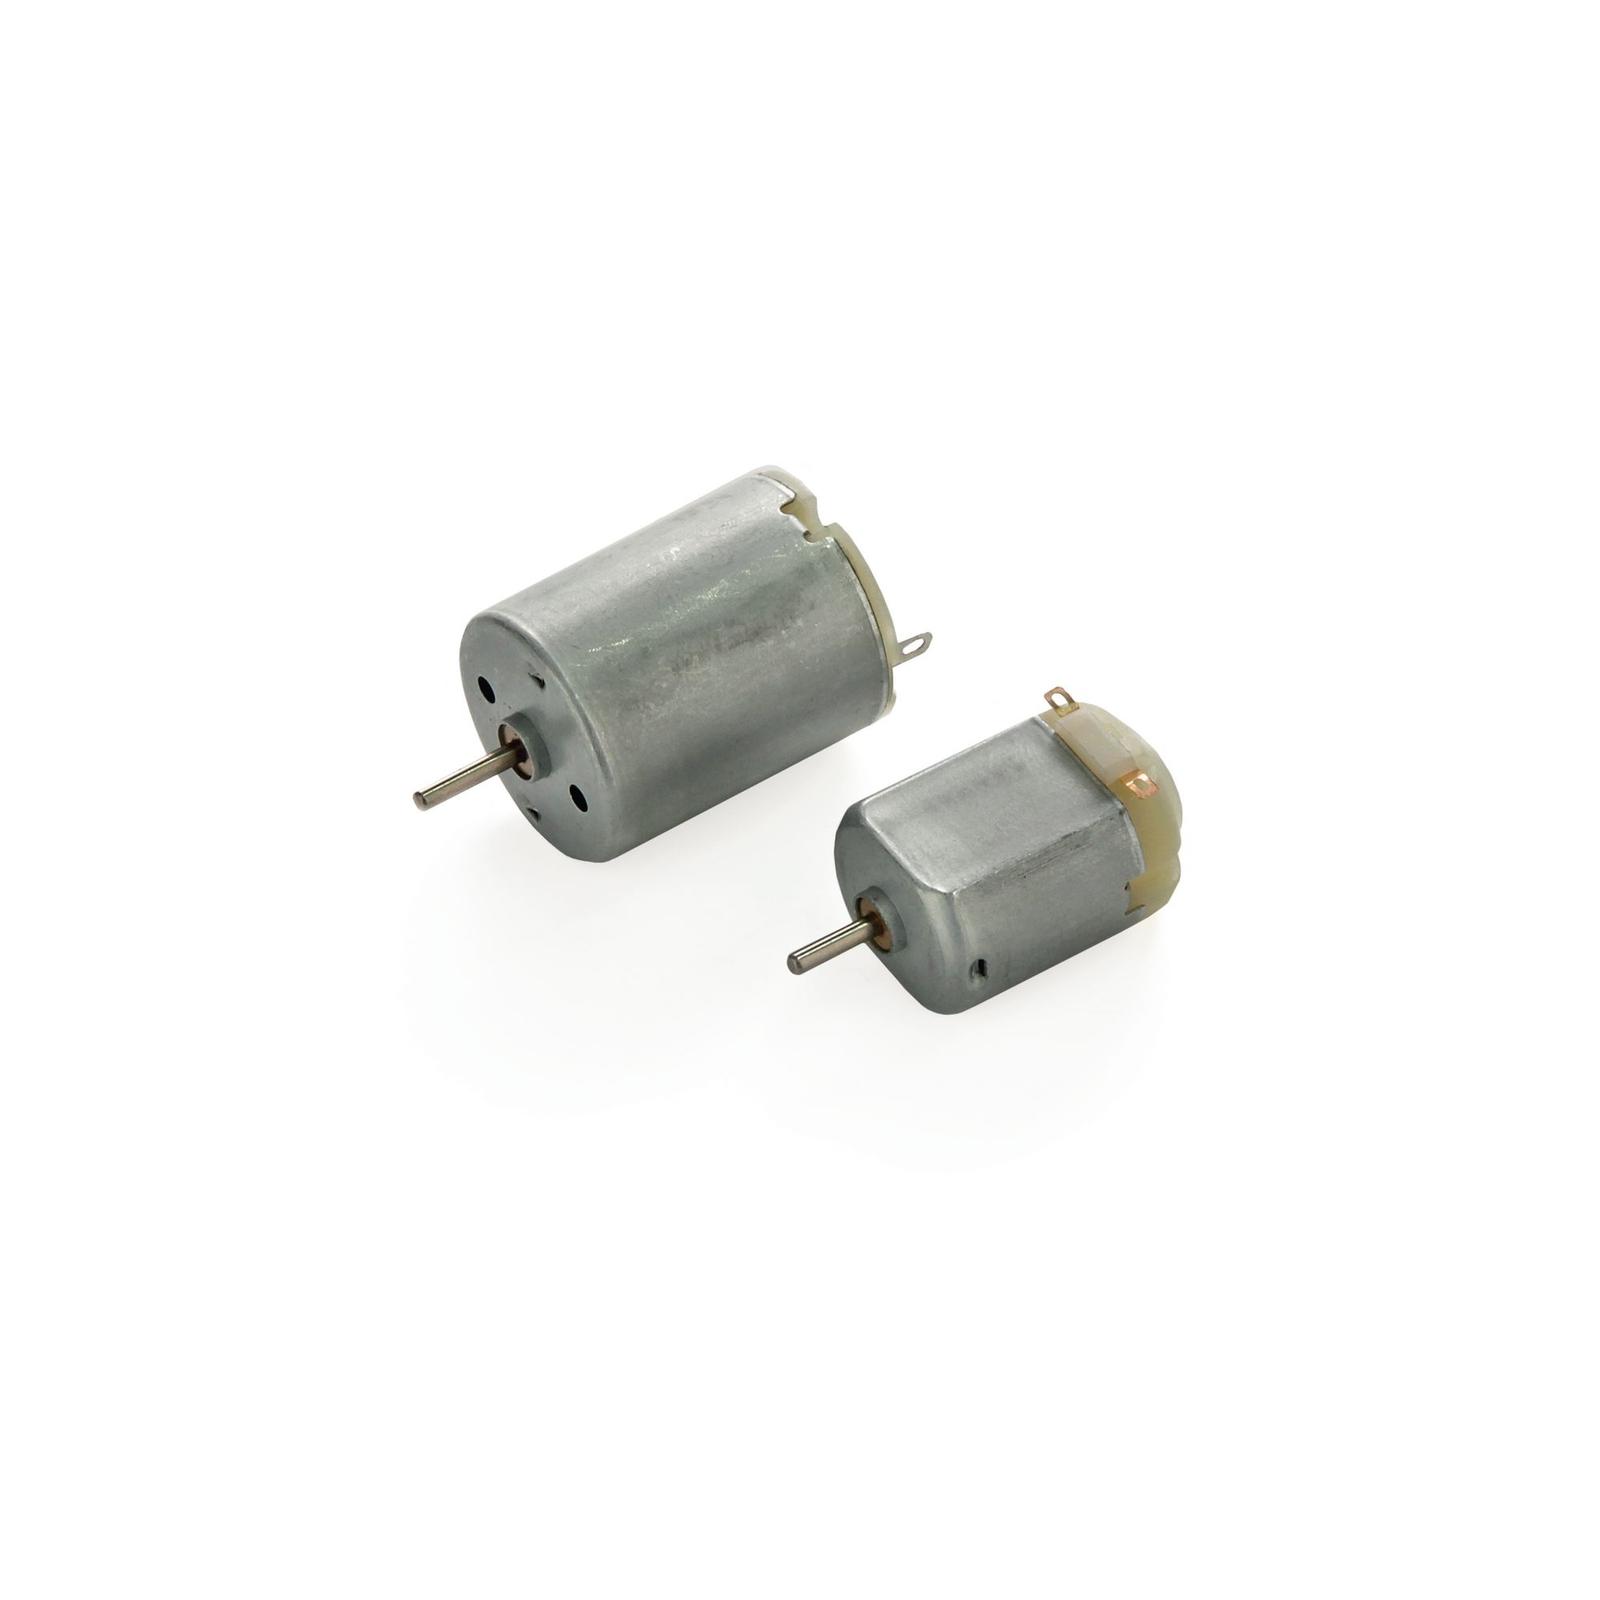 Electric Motors - 3-6V - Pack 10 - Pack of 10